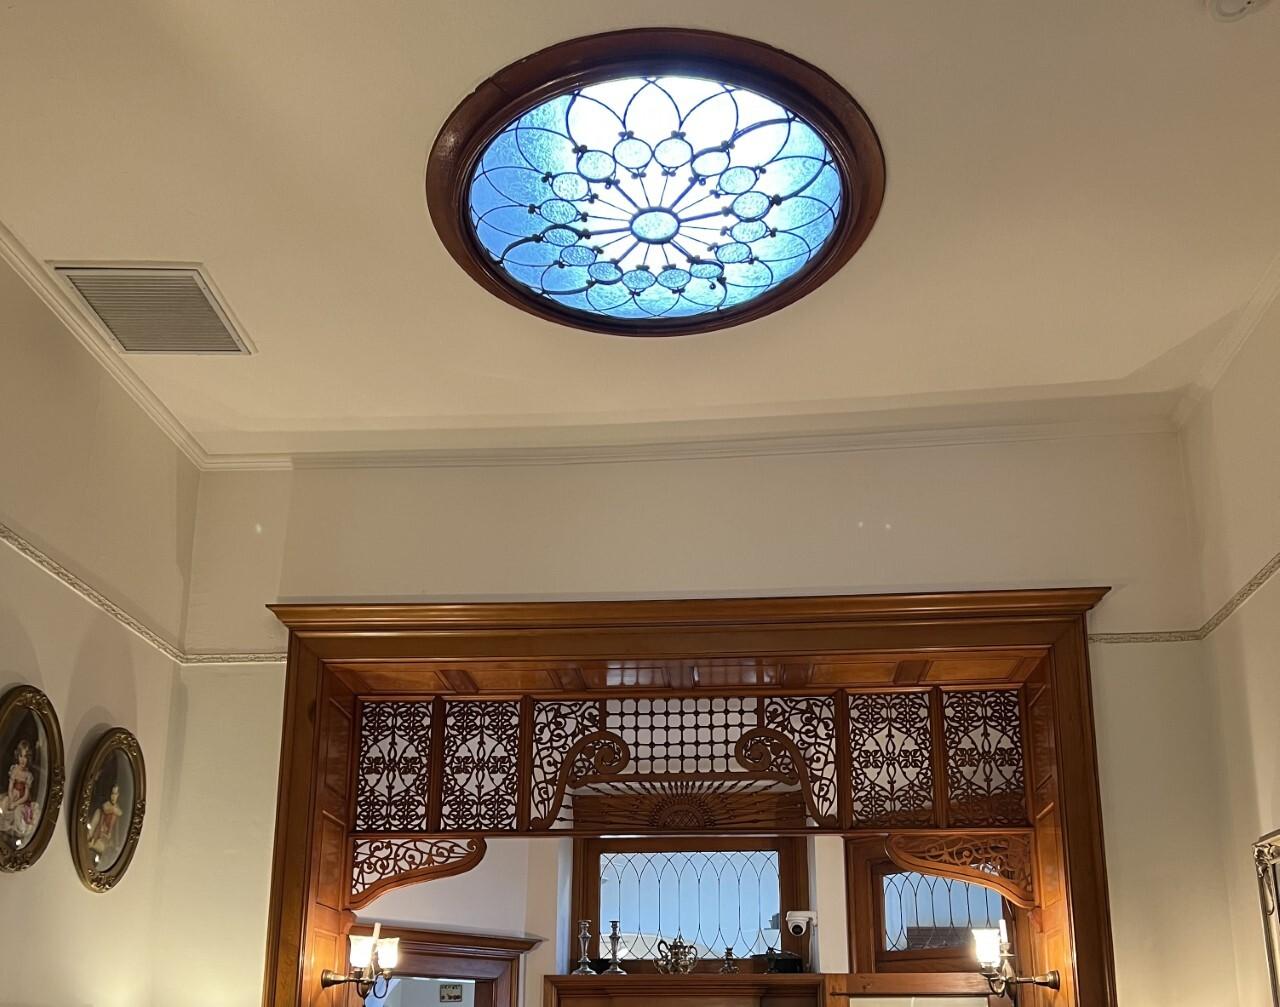 Blenman Inn leaded glass